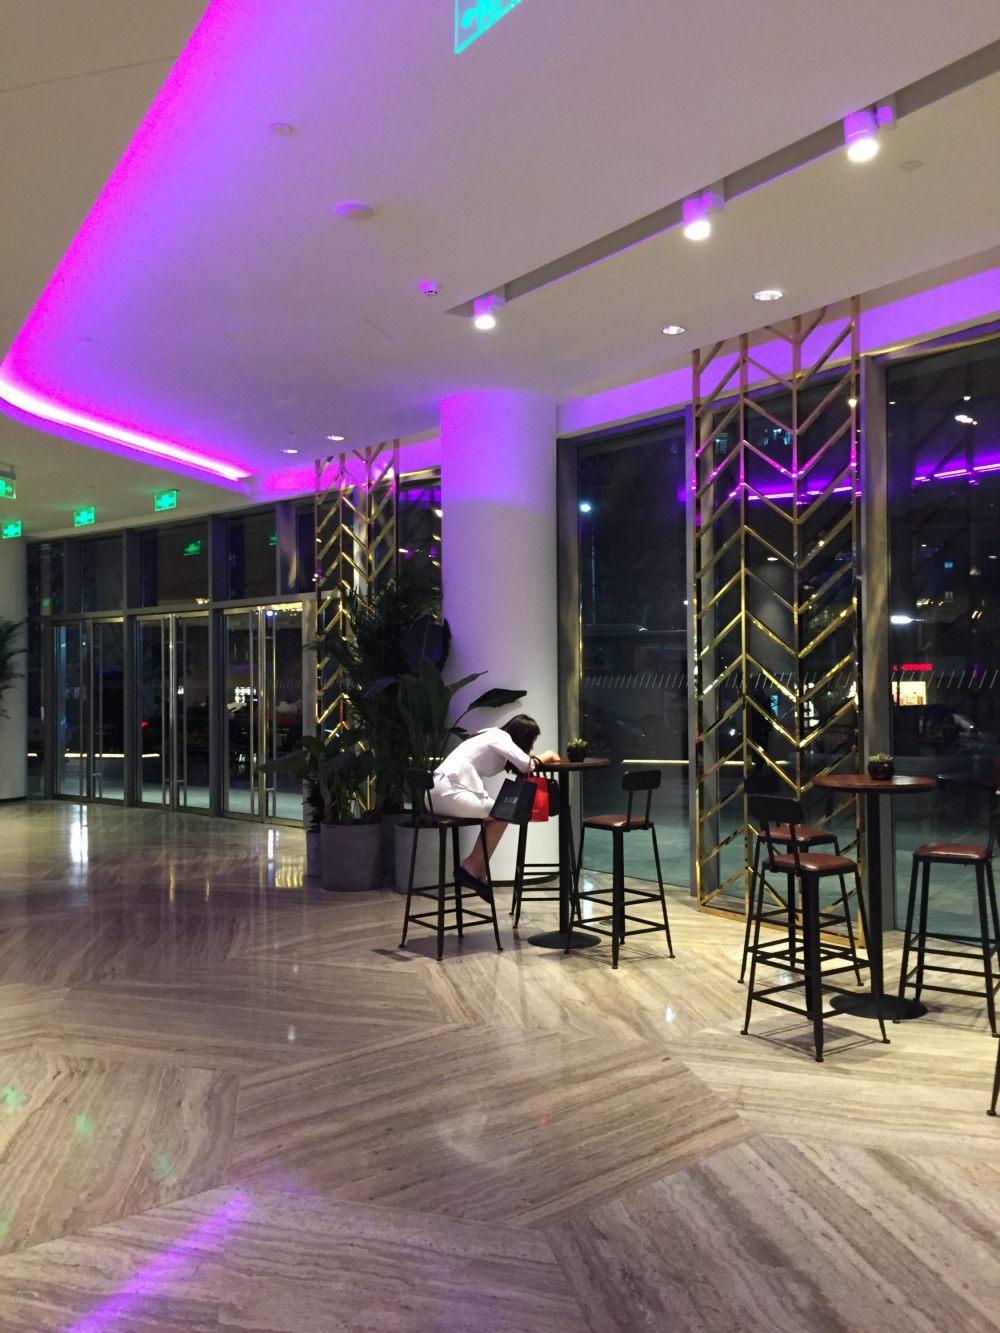 上海外滩W酒店,史上最全入住体验 自拍分享,申请置...._IMG_5955.JPG